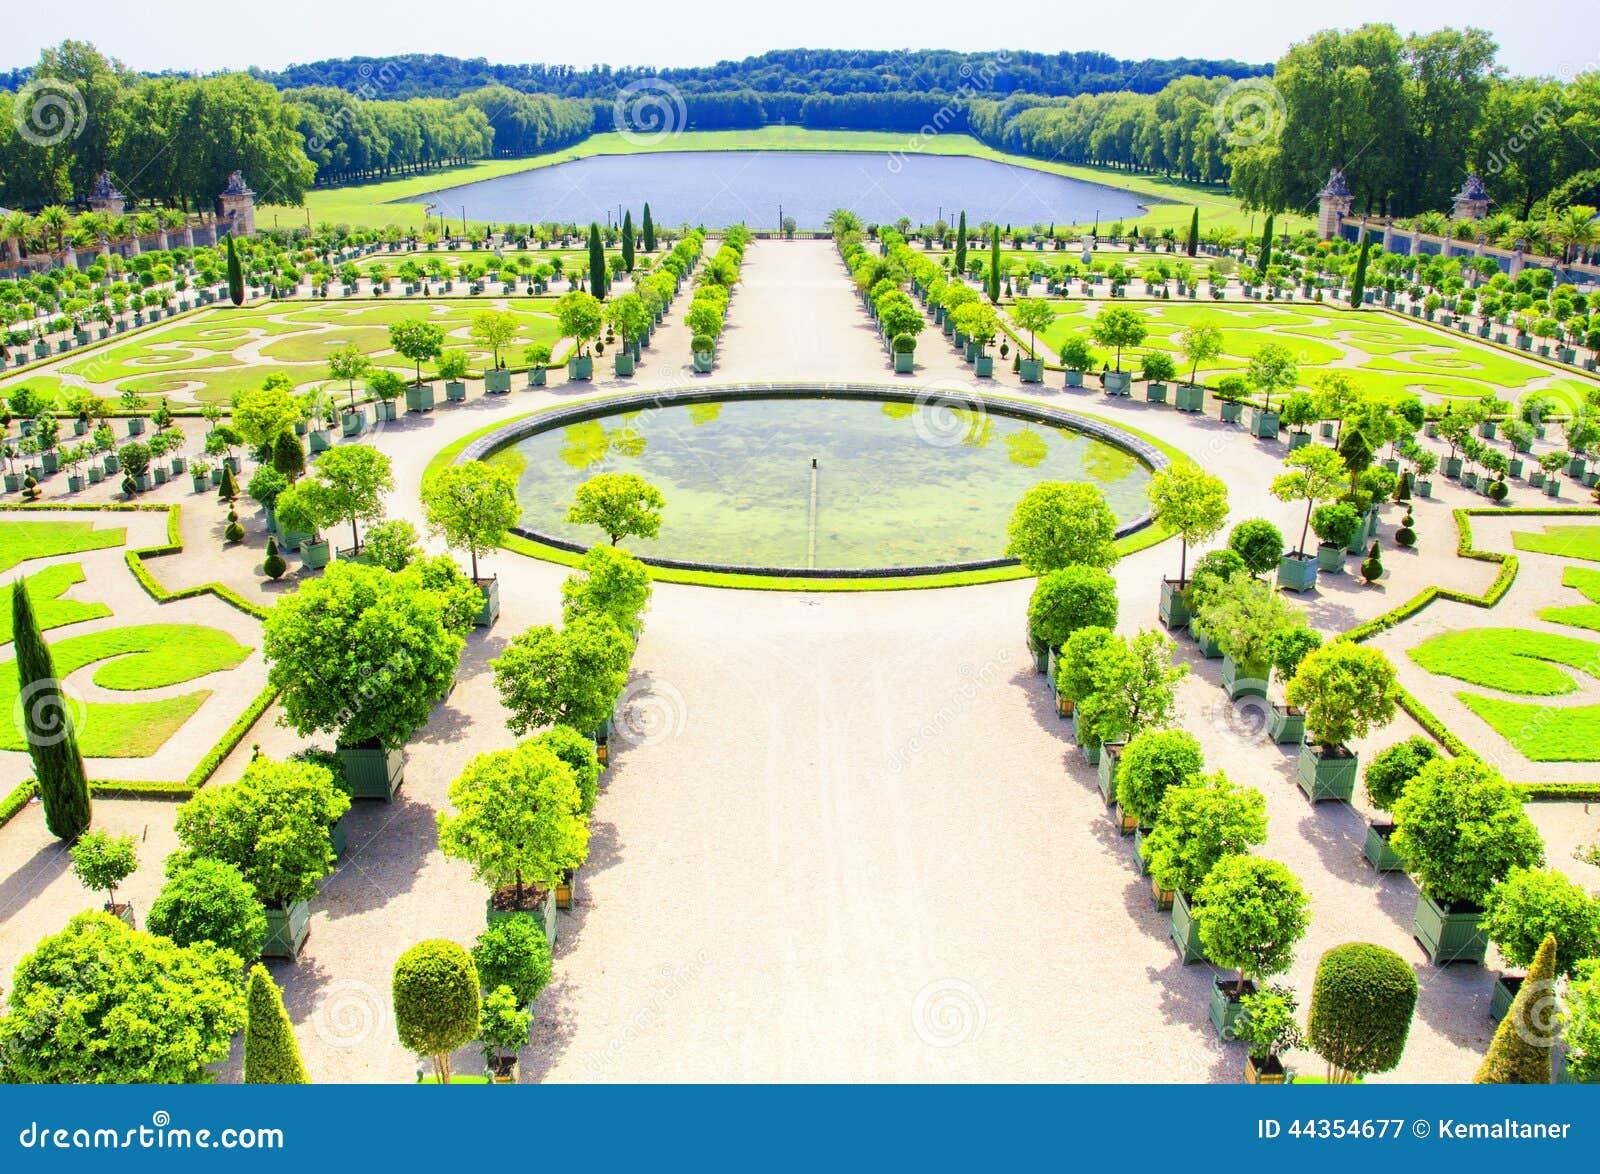 Garden of versailles palace paris france stock photo for Garden design versailles